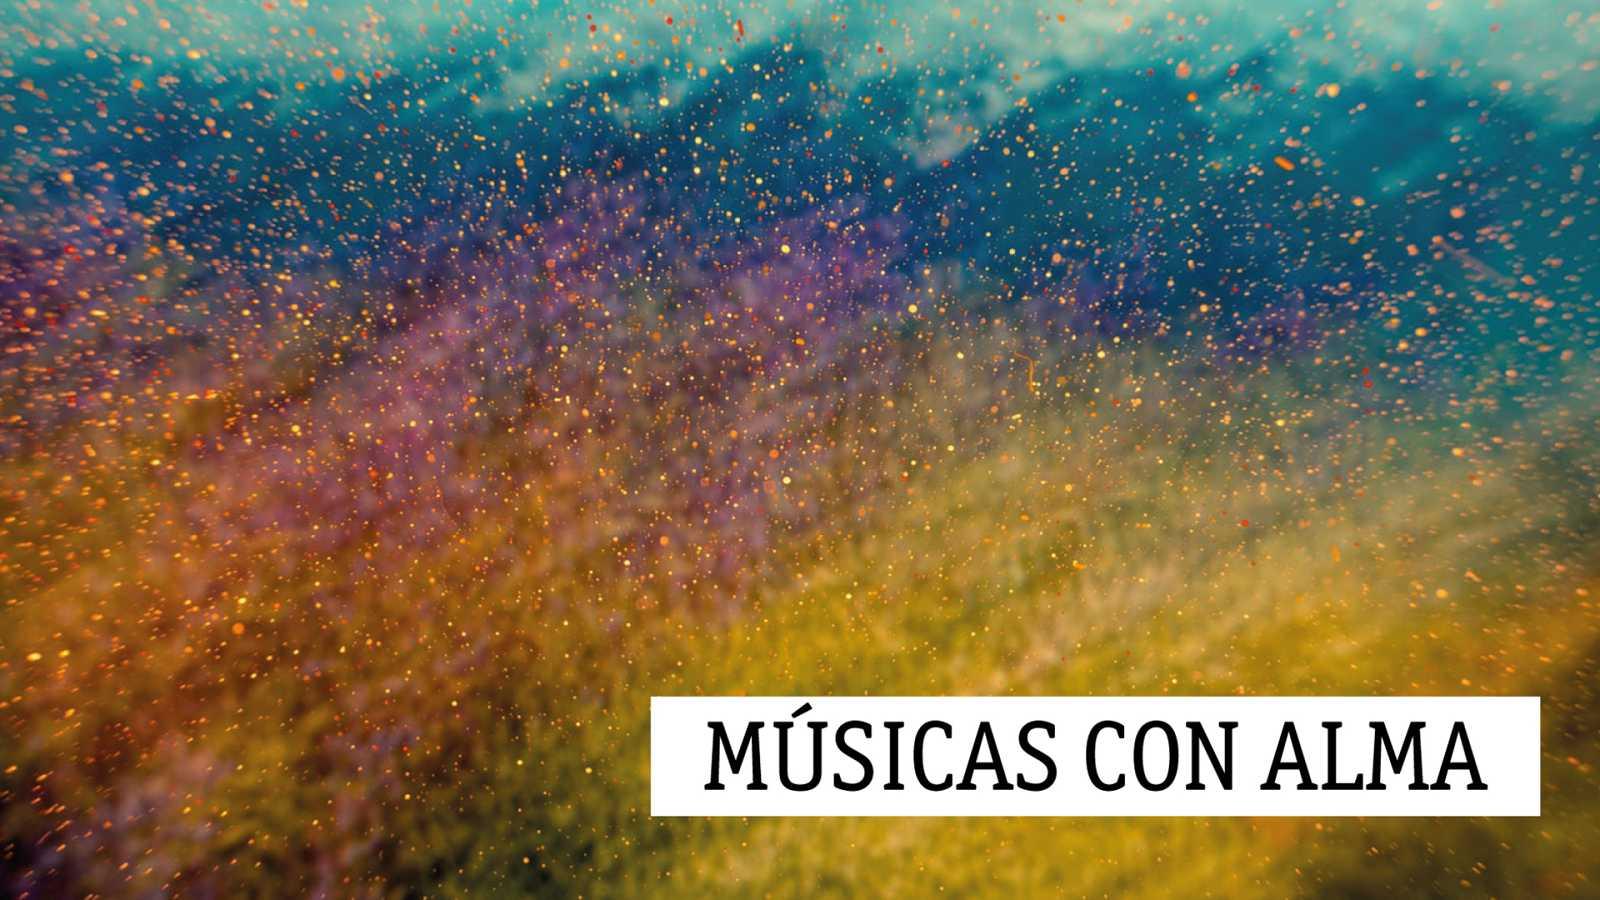 Músicas con alma - Propósito - 01/02/21  escuchar ahora